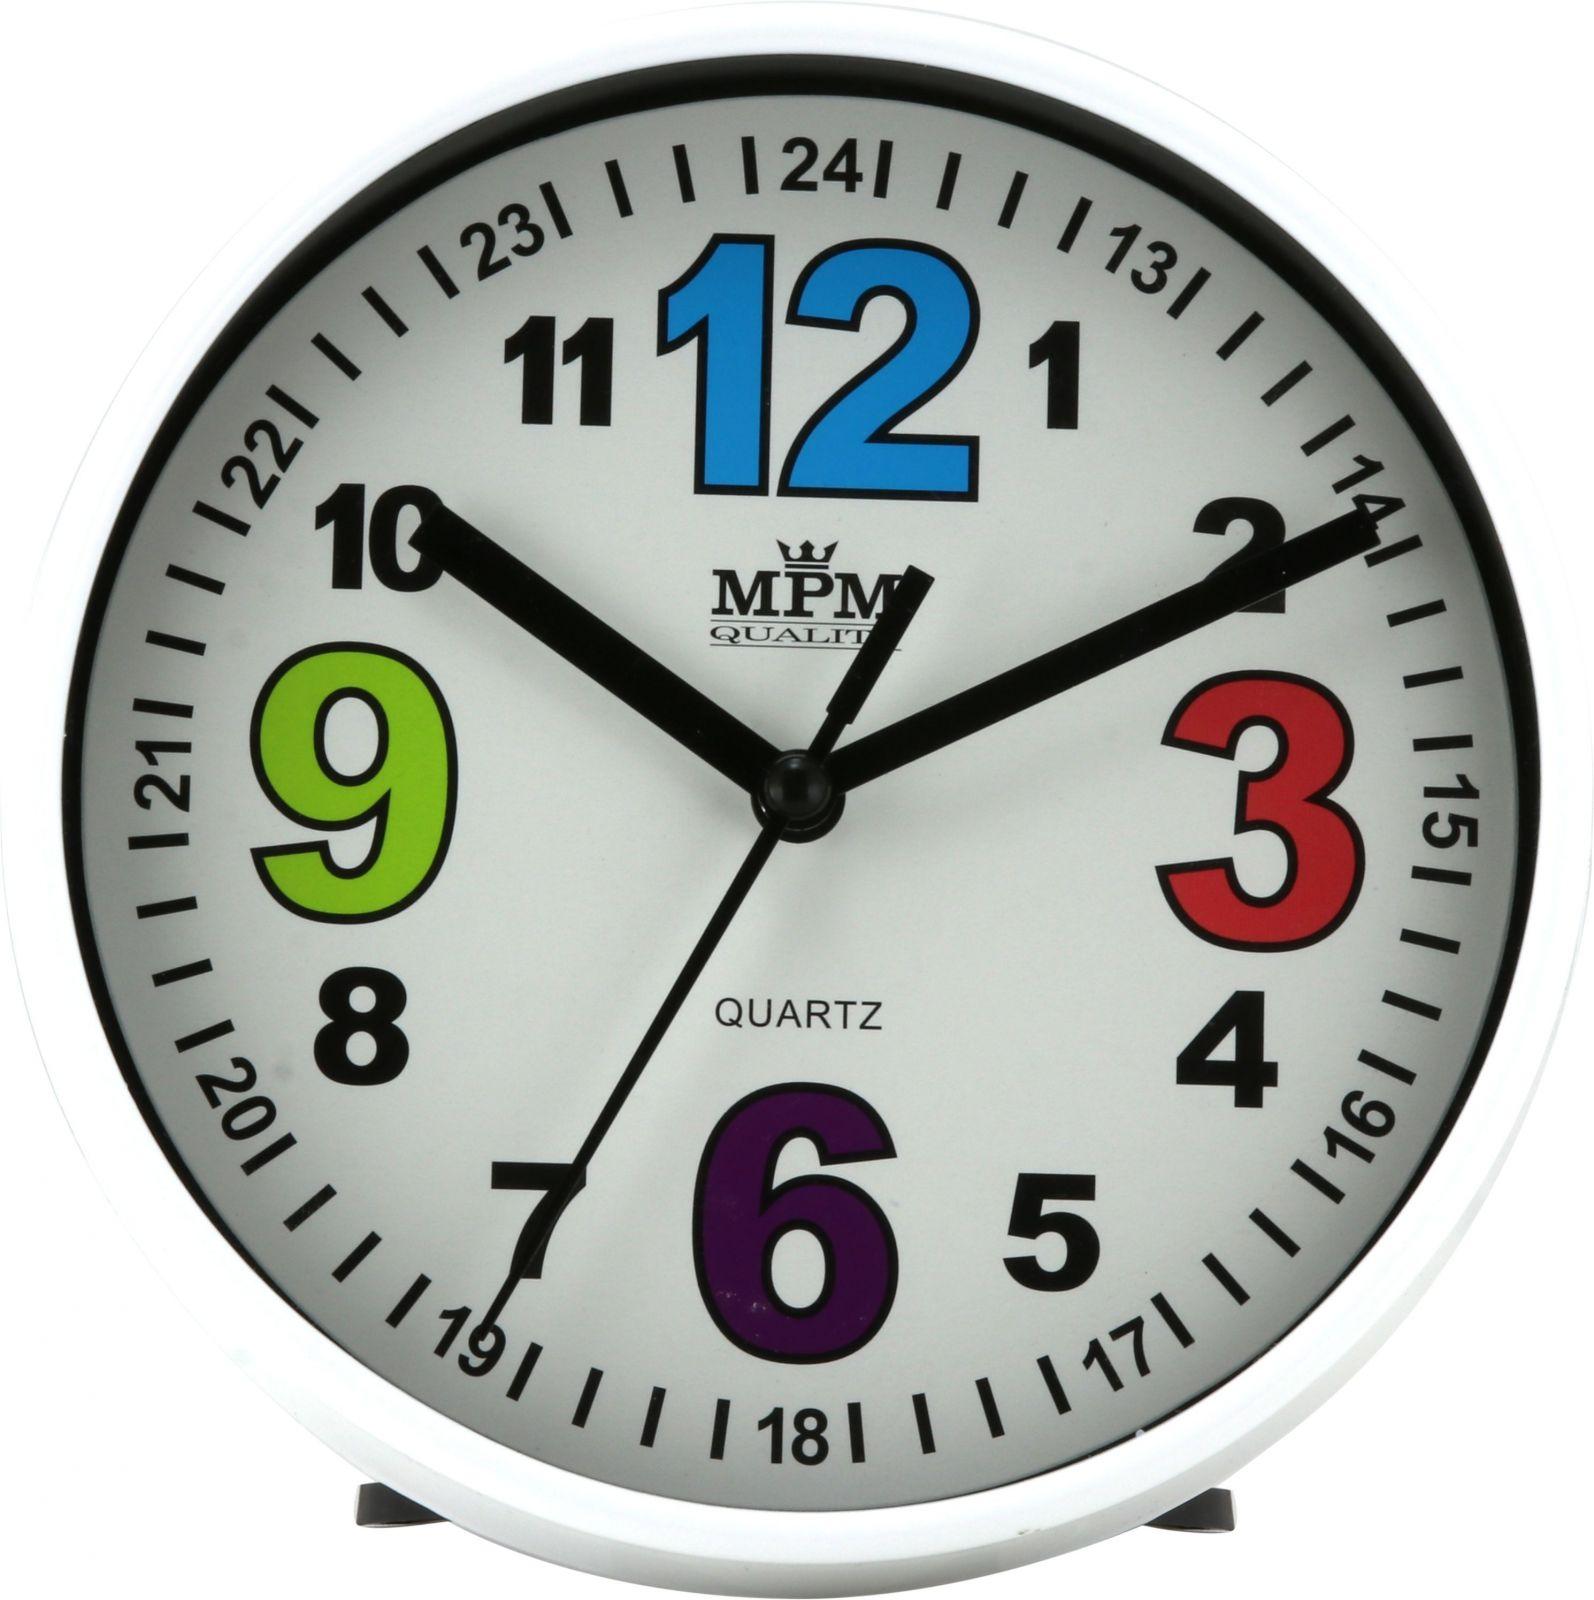 Malé plastové hodiny s možností zavěšení na zeď nebo postavení na stůl..058 00 - bílá